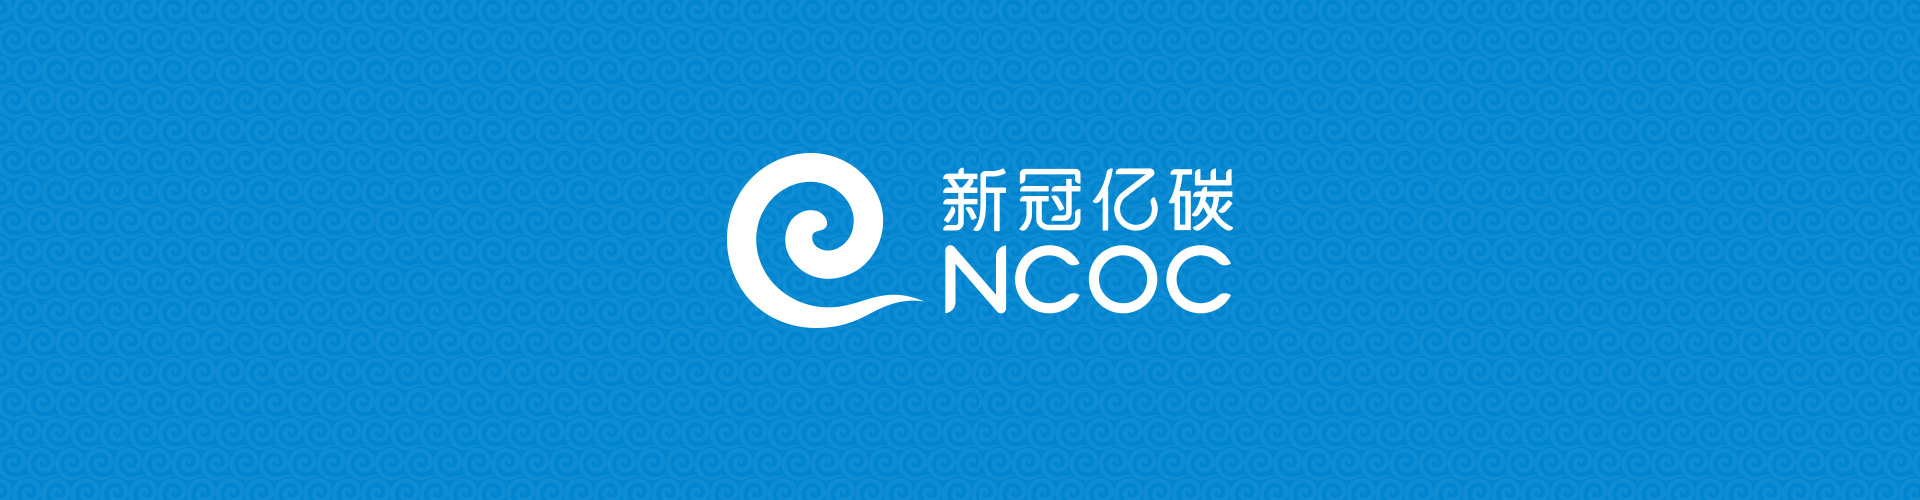 logo-xinguanyitan_01